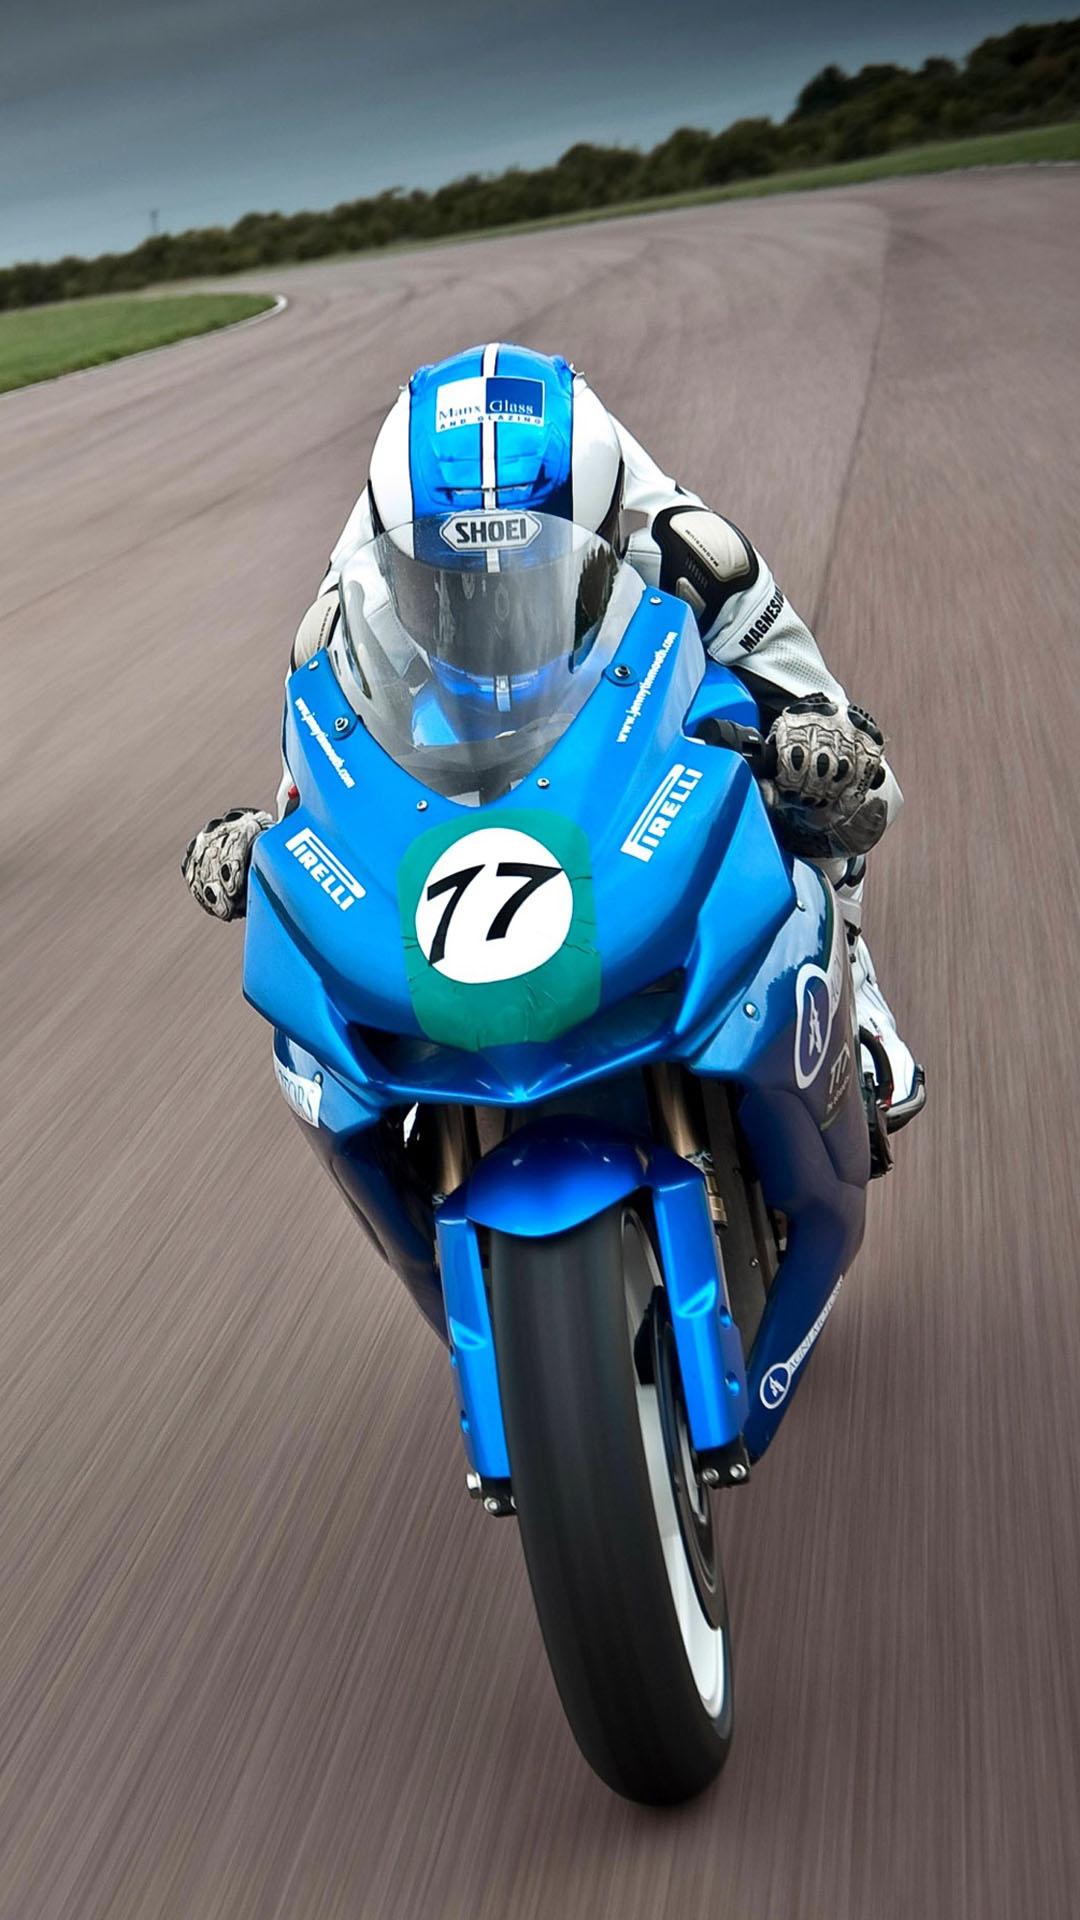 Agni Z2 motorcycle